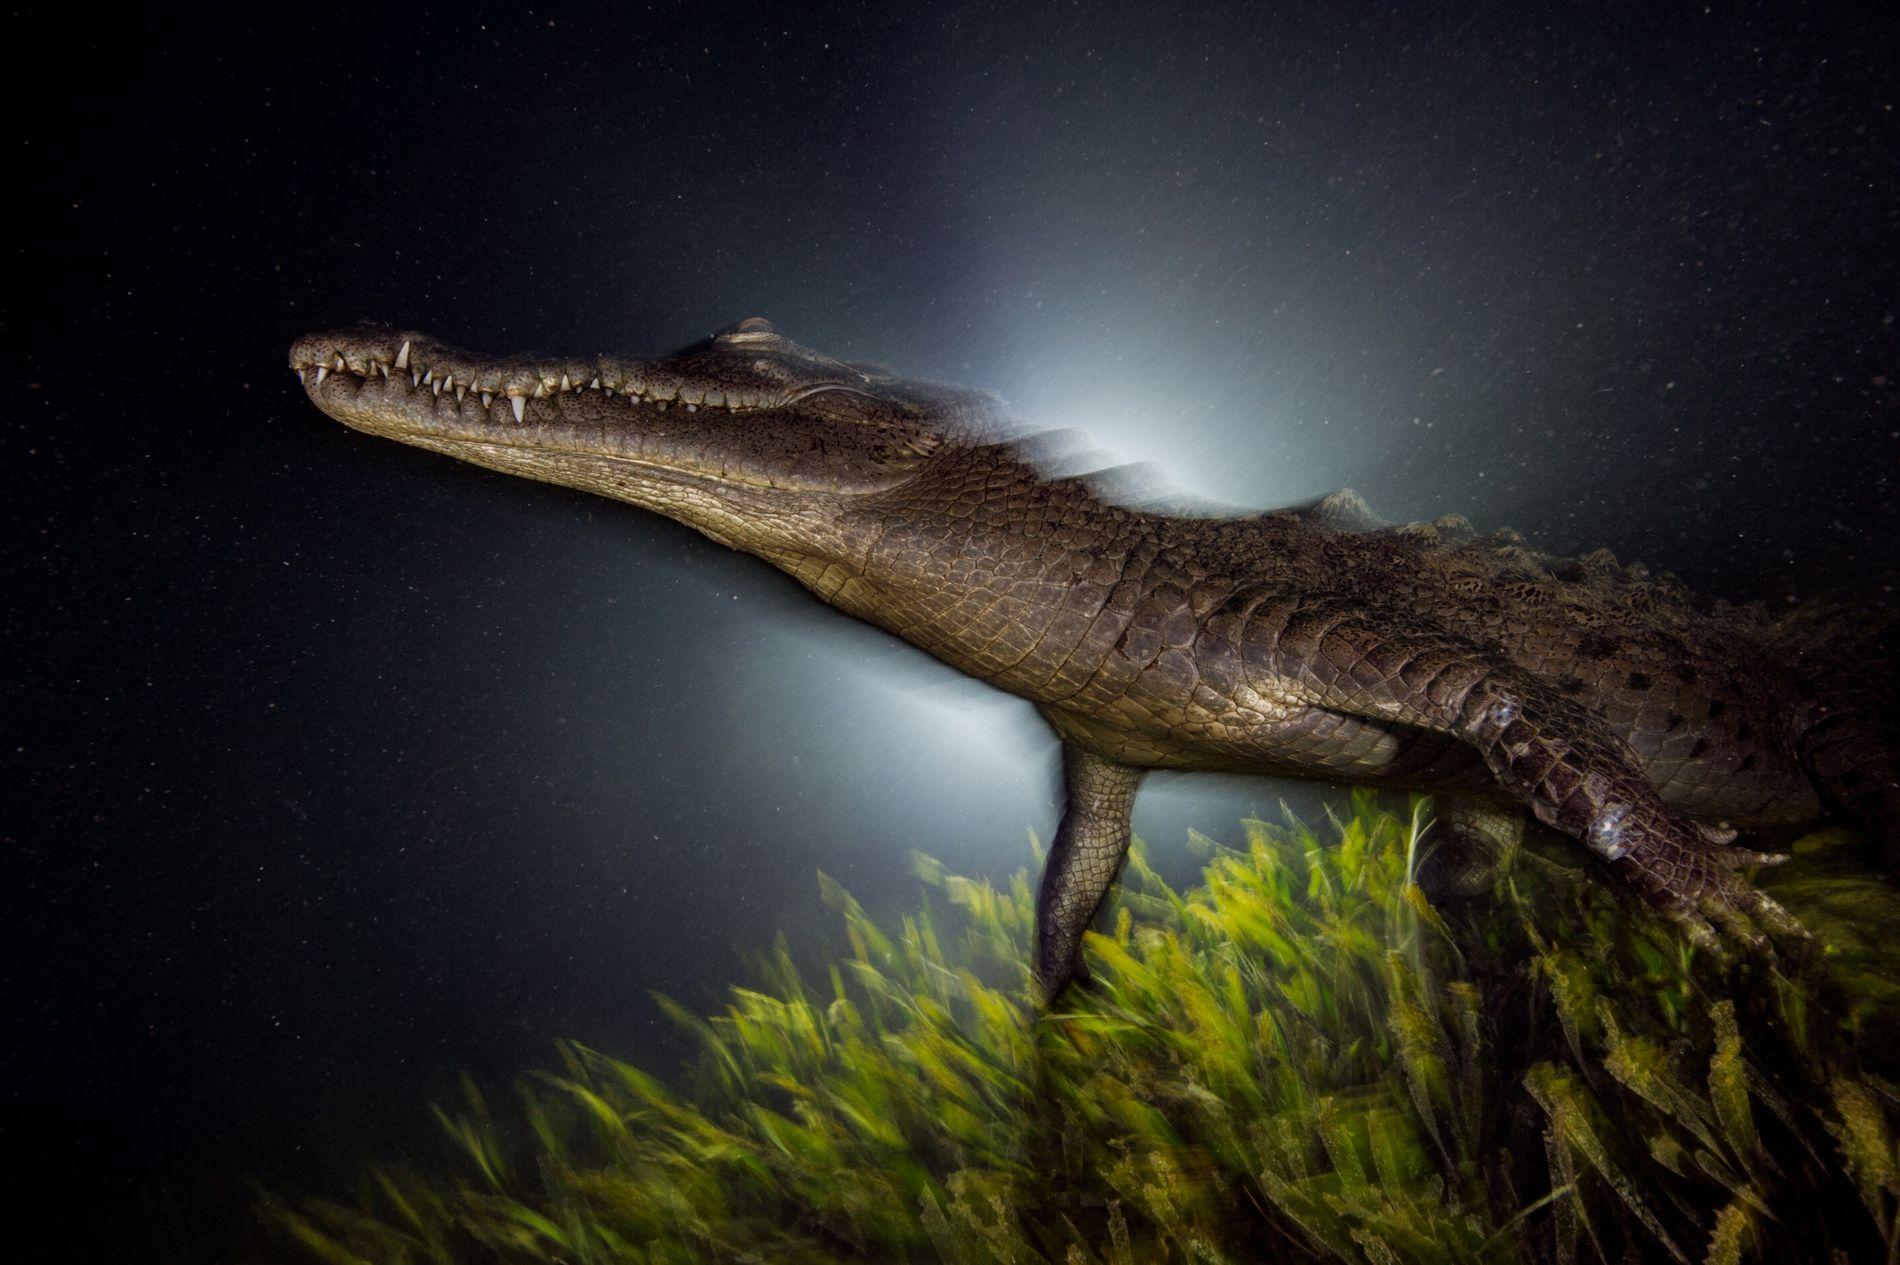 Submerso, um crocodilo-americano desperta do cochilo no começo da noite em um leito de vegetação marinha, ...